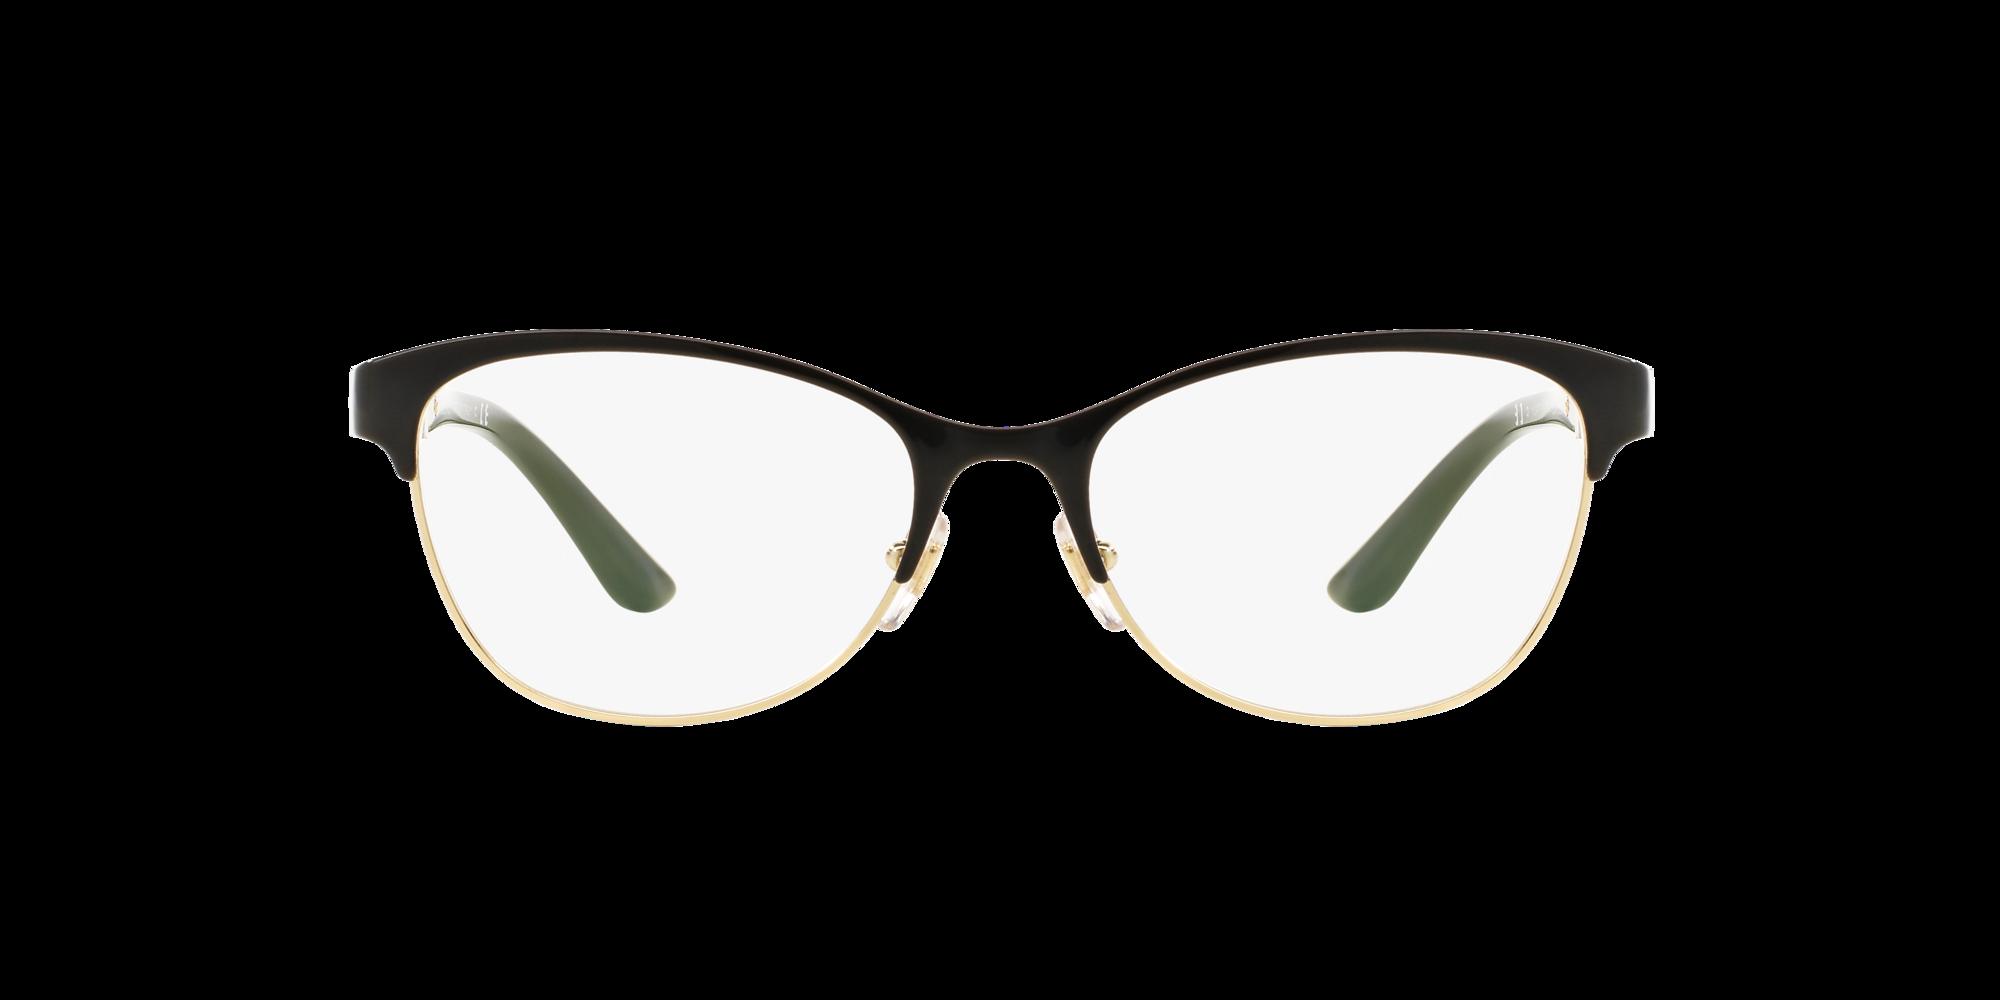 Imagen para VE1233Q de LensCrafters |  Espejuelos, espejuelos graduados en línea, gafas